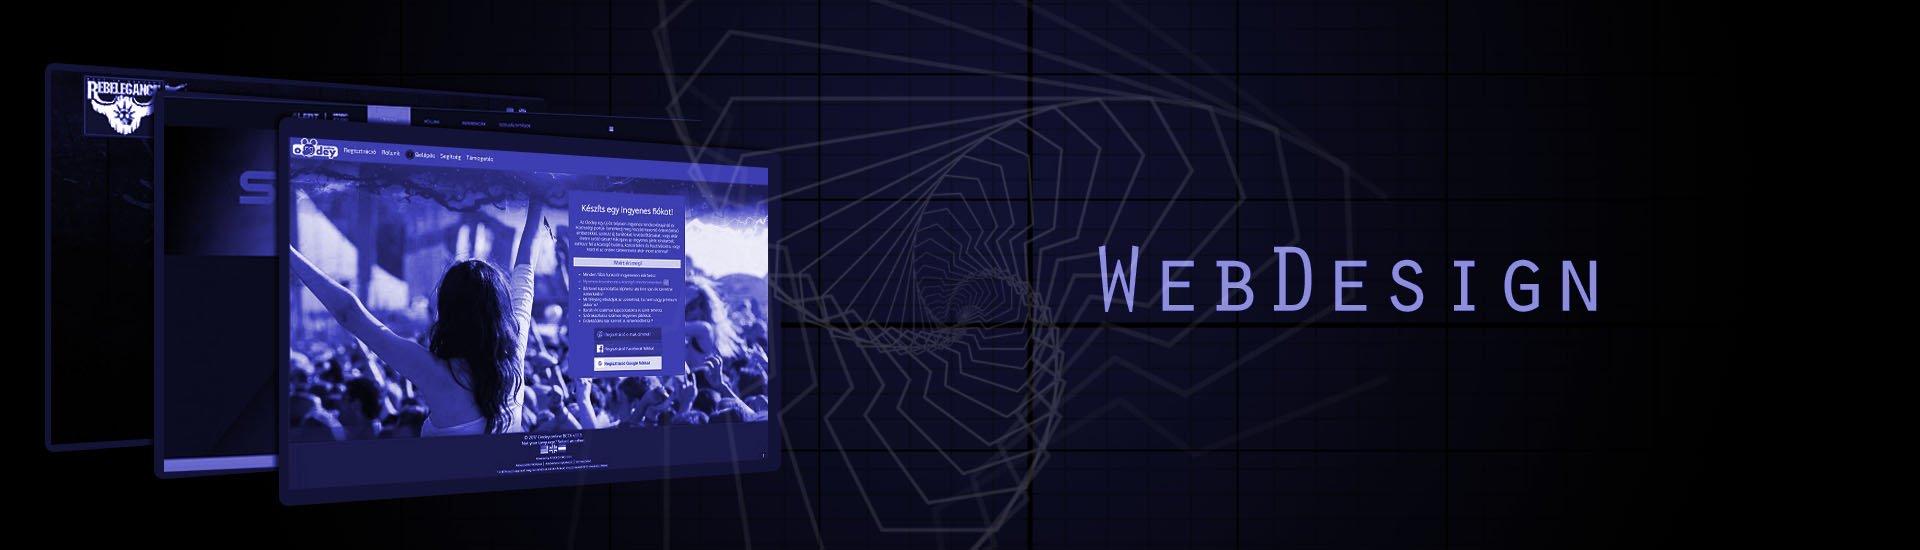 webdizájn tervezés, webdesign készítés